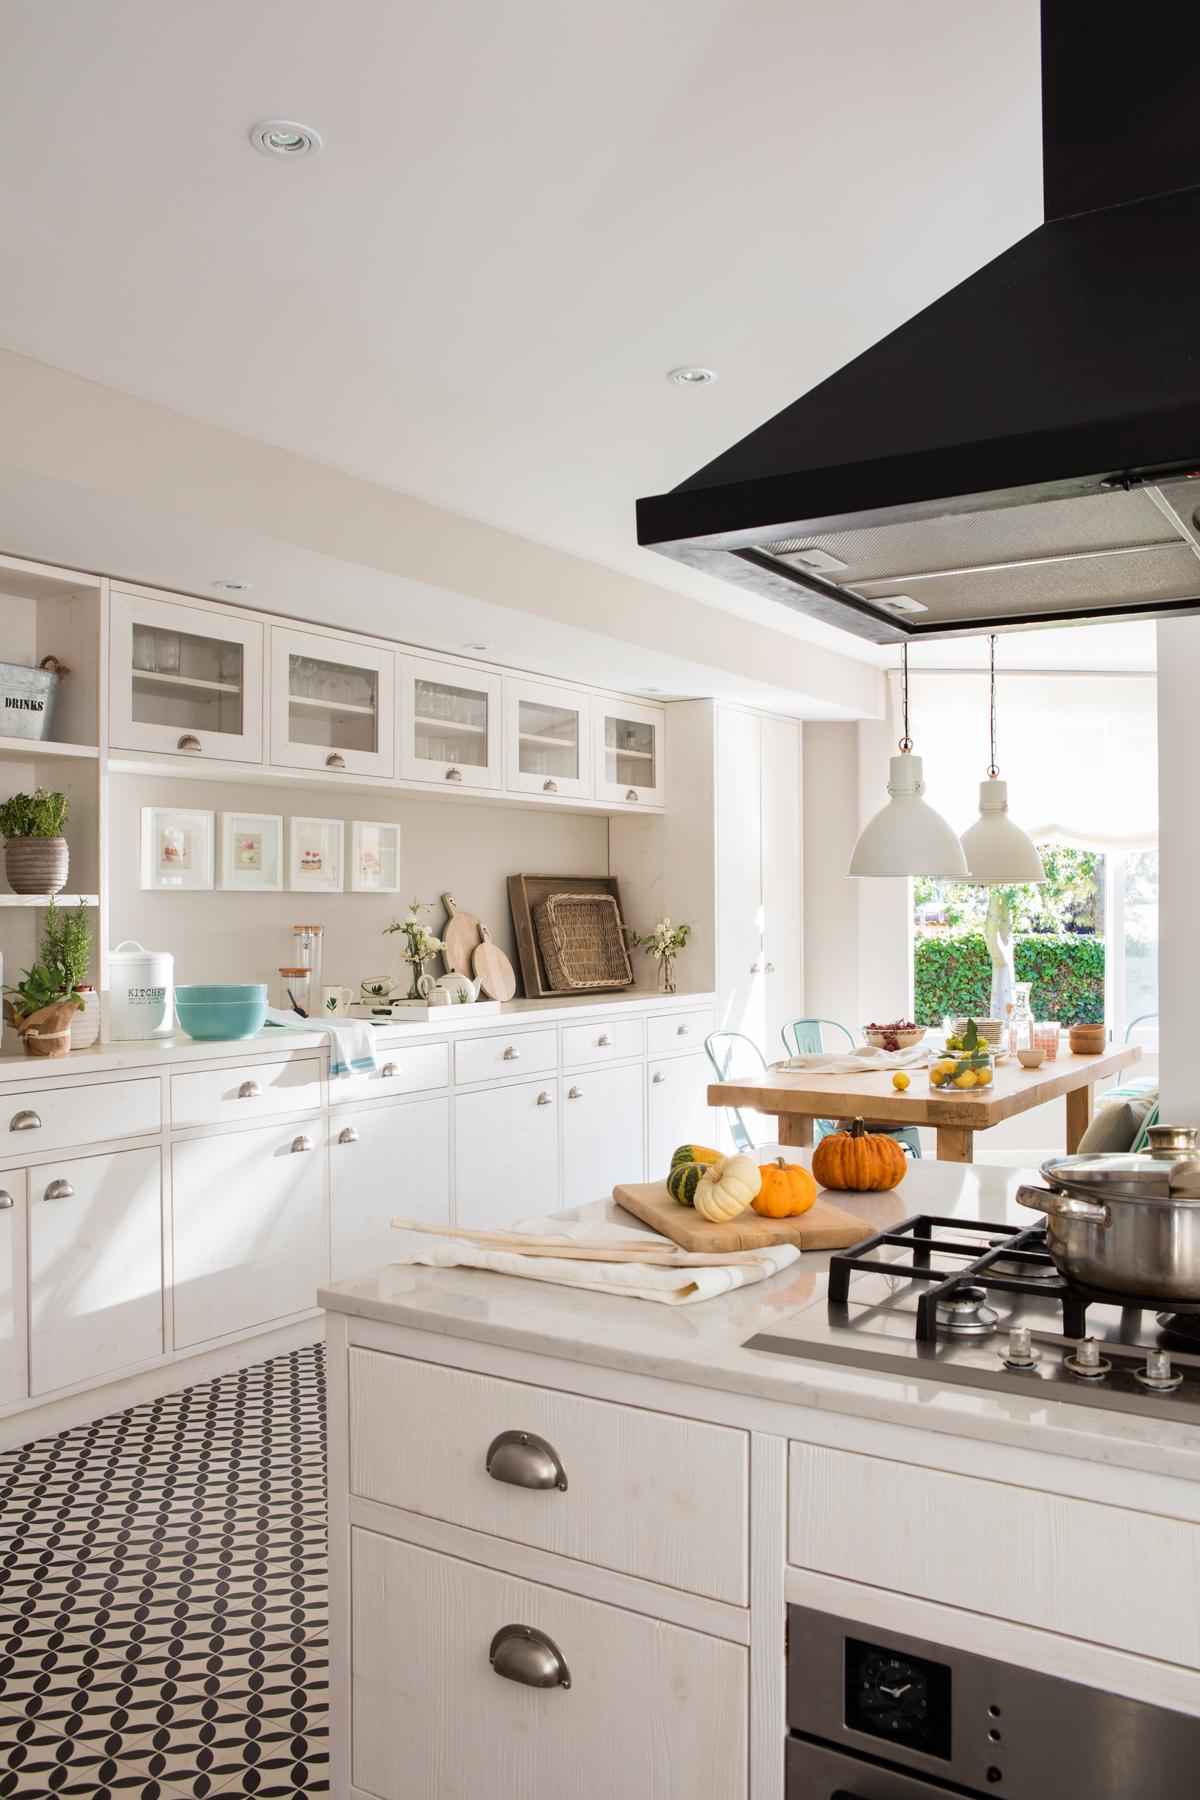 Dale color a tu cocina blanca for Guardas para cocina modernas